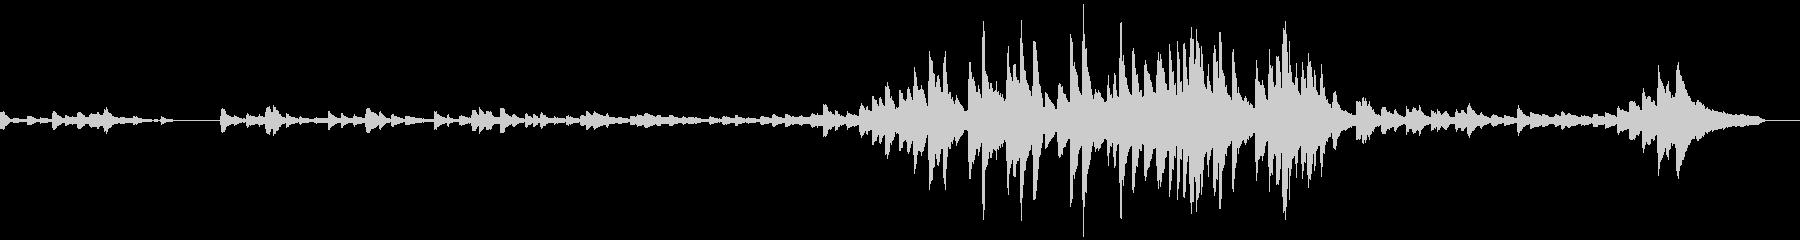 G/涙流れるピアノソロ/映像制作向けの未再生の波形